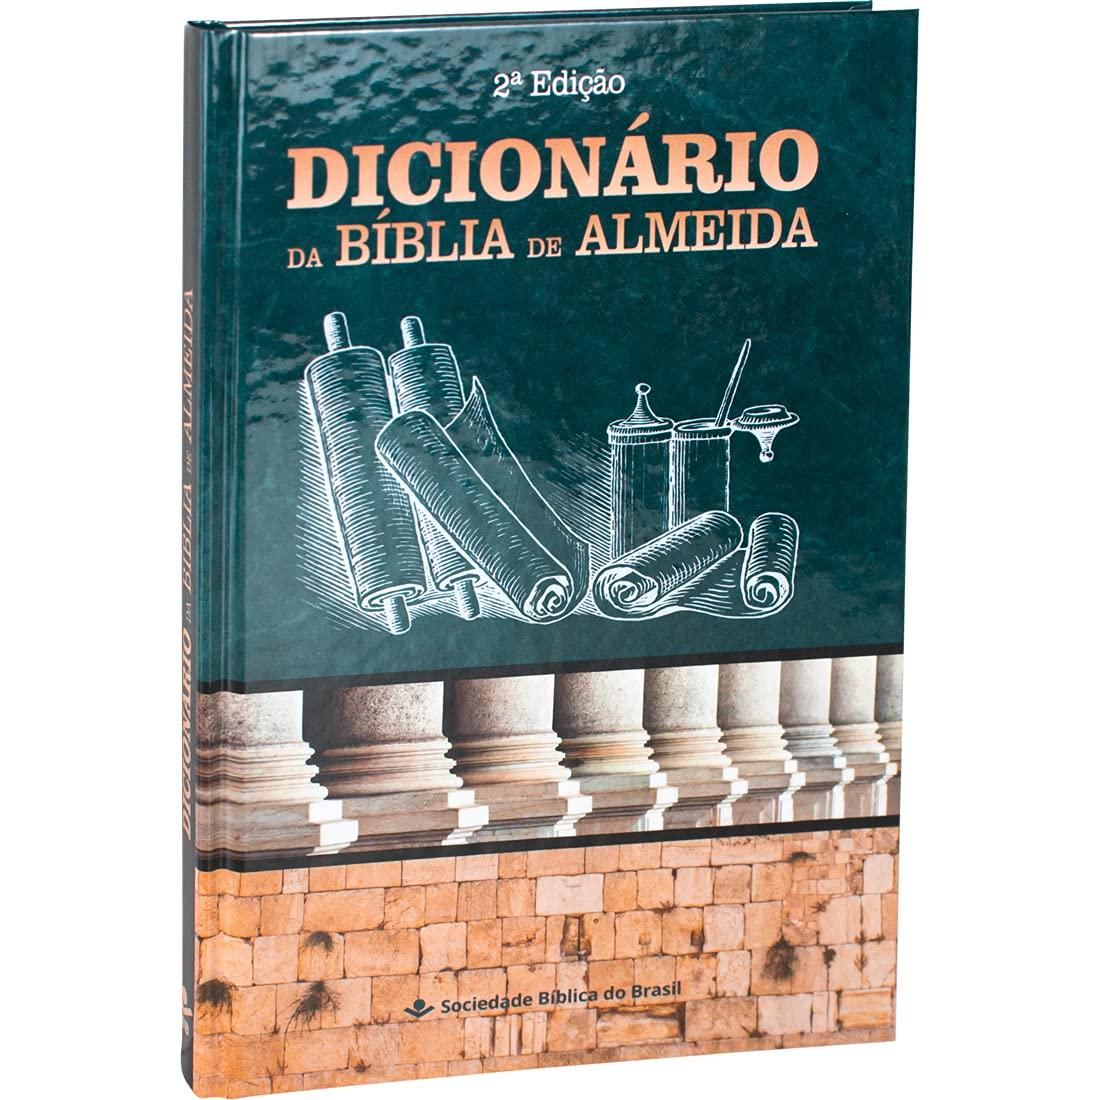 Dicionário da Bíblia de Almeida  2ª Edição: Almeida Revista e Corrigida (ARC) - Edição Acadêmica